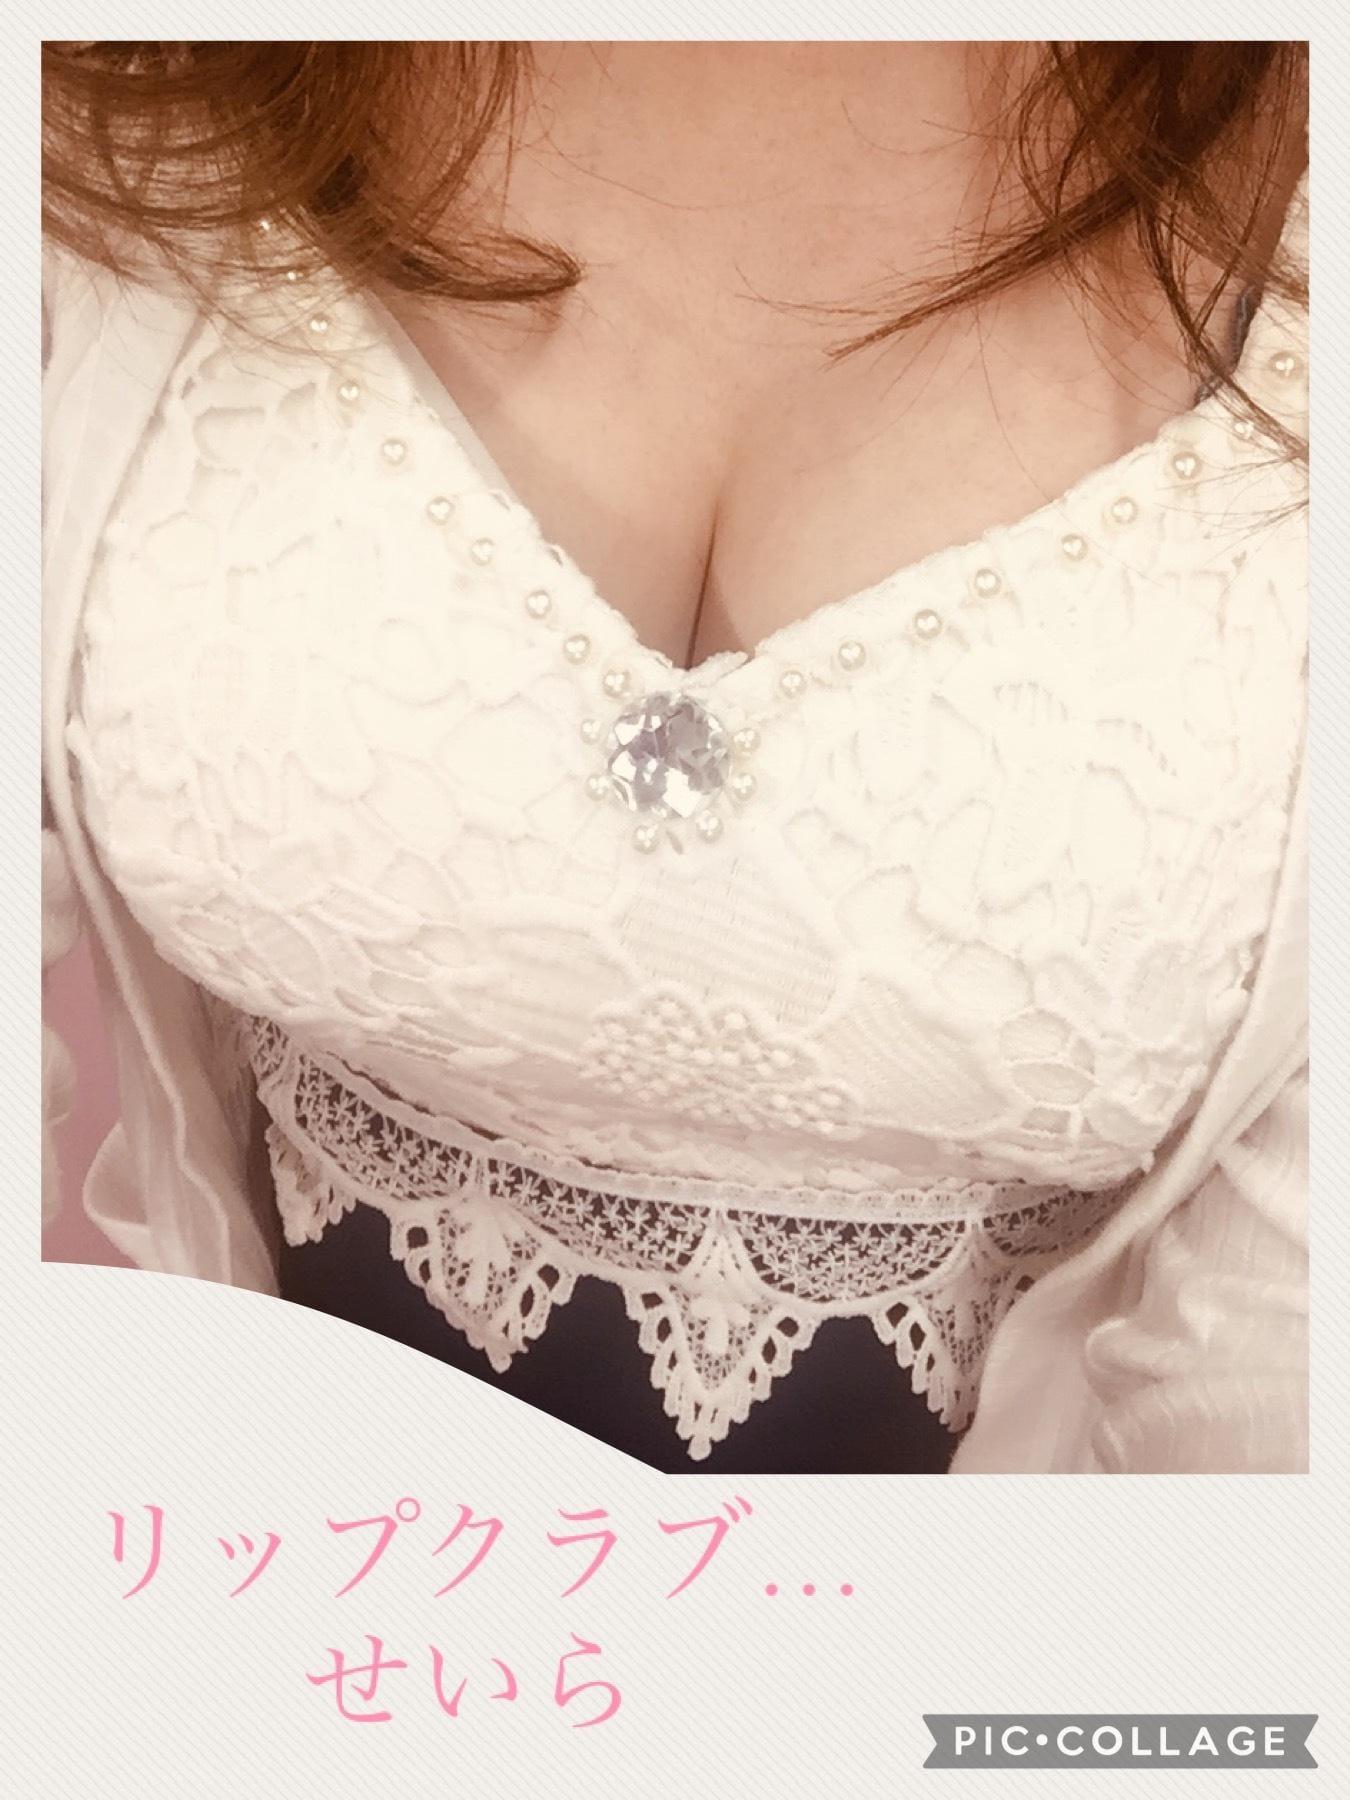 せいら「New!!」04/07(水) 16:06 | せいらの写メ・風俗動画